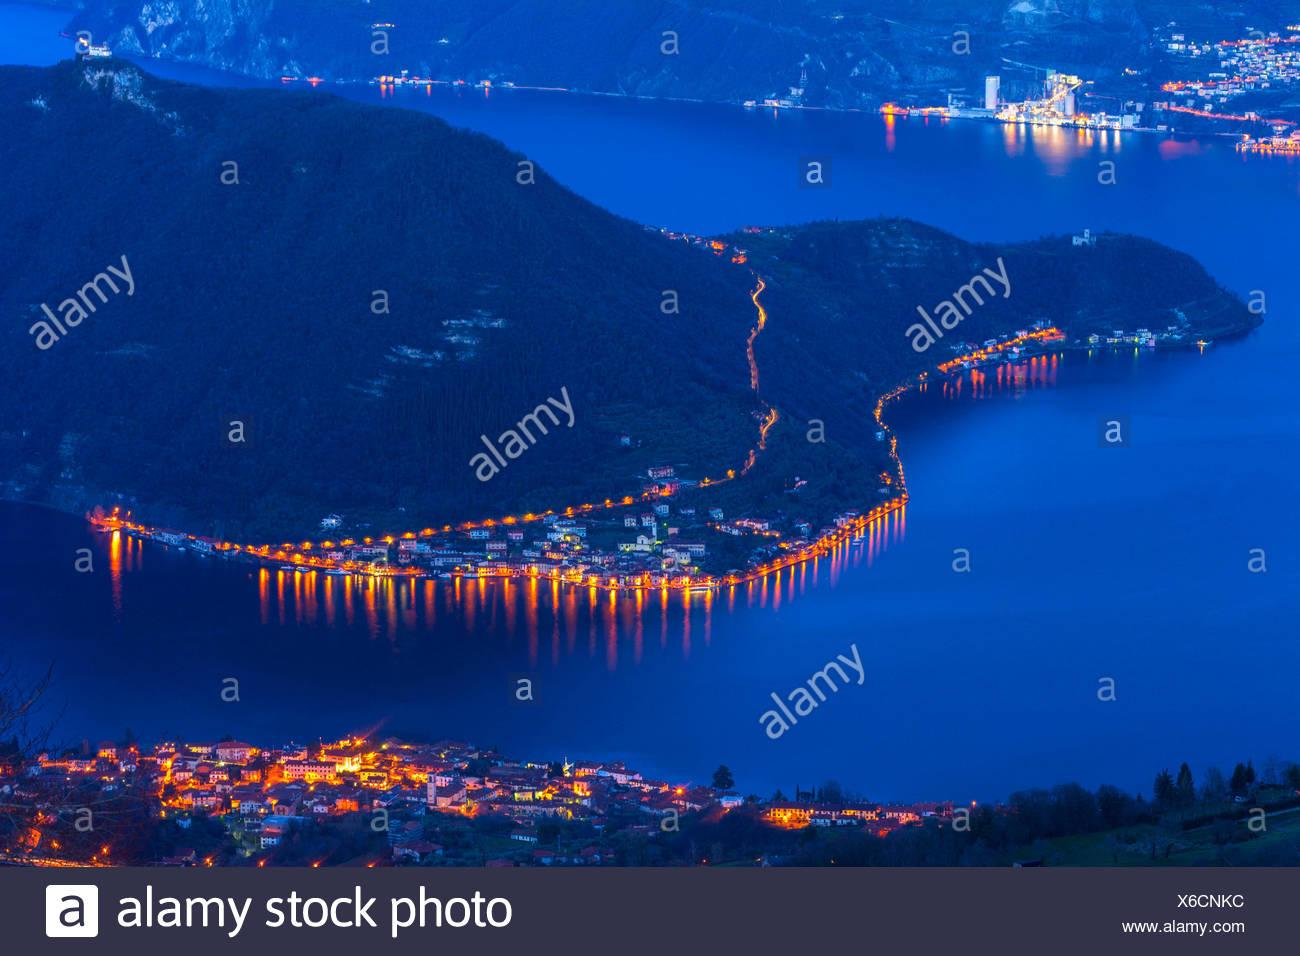 Peschiera Maraglio, blue hour, Montisola, province of Brescia, Italy - Stock Image